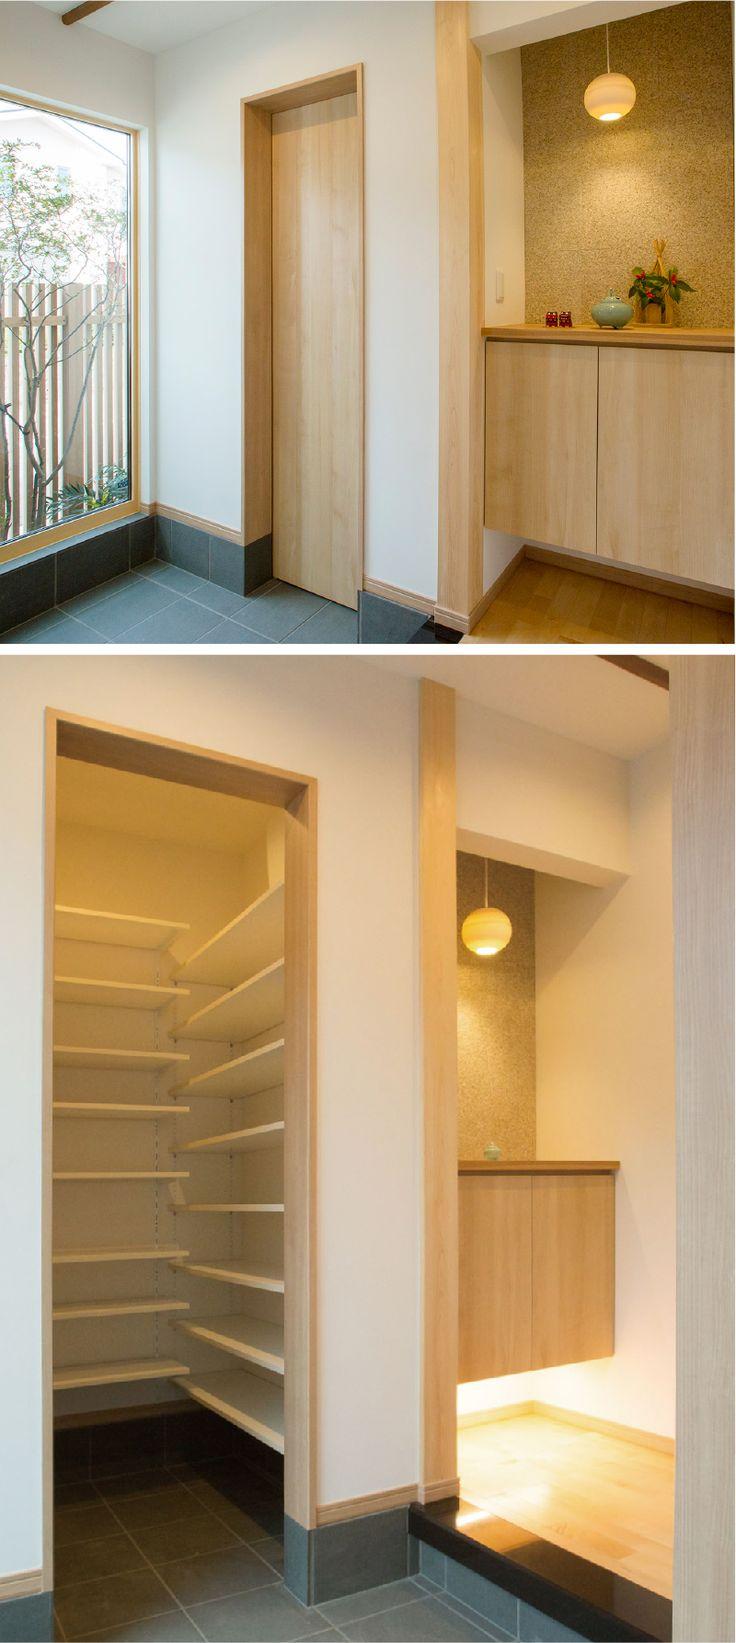 ピクチャーウインドウの大窓から光が降り注ぐ玄関ホール。引戸の奥は大容量のシューズインクローゼット。|デザイン|ナチュラル|収納|